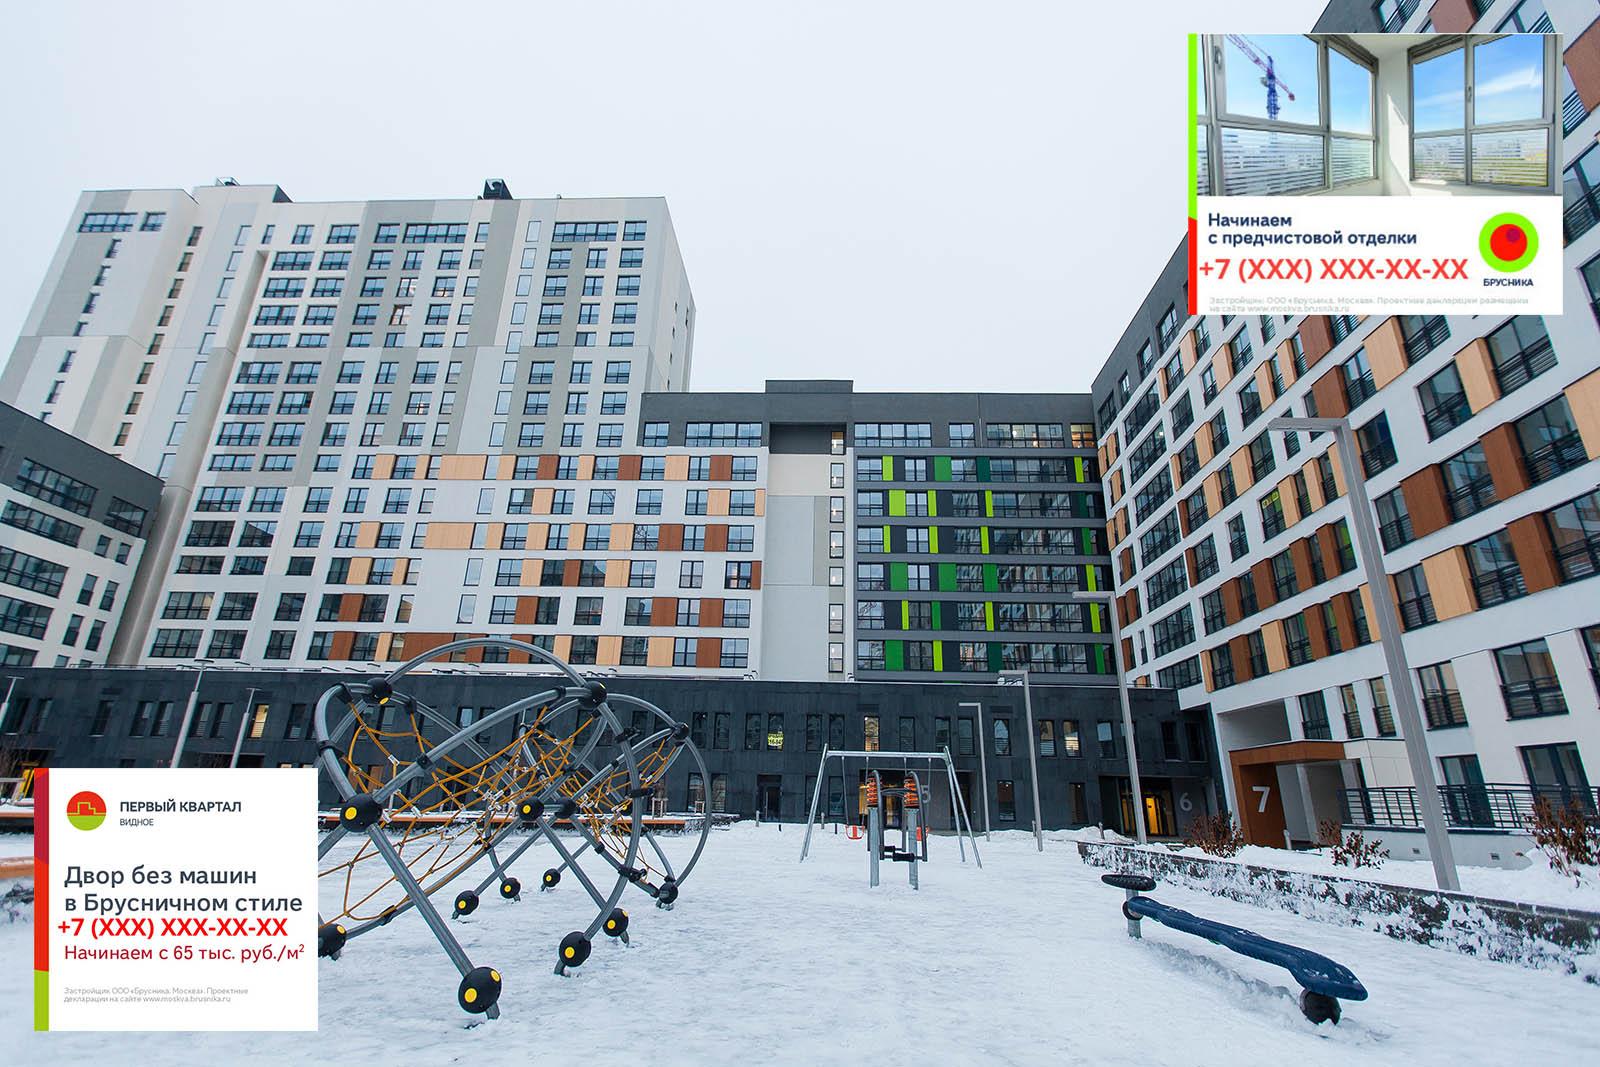 Купить квартиру в Видном в новостройке Жилой комплекс «Первый квартал»